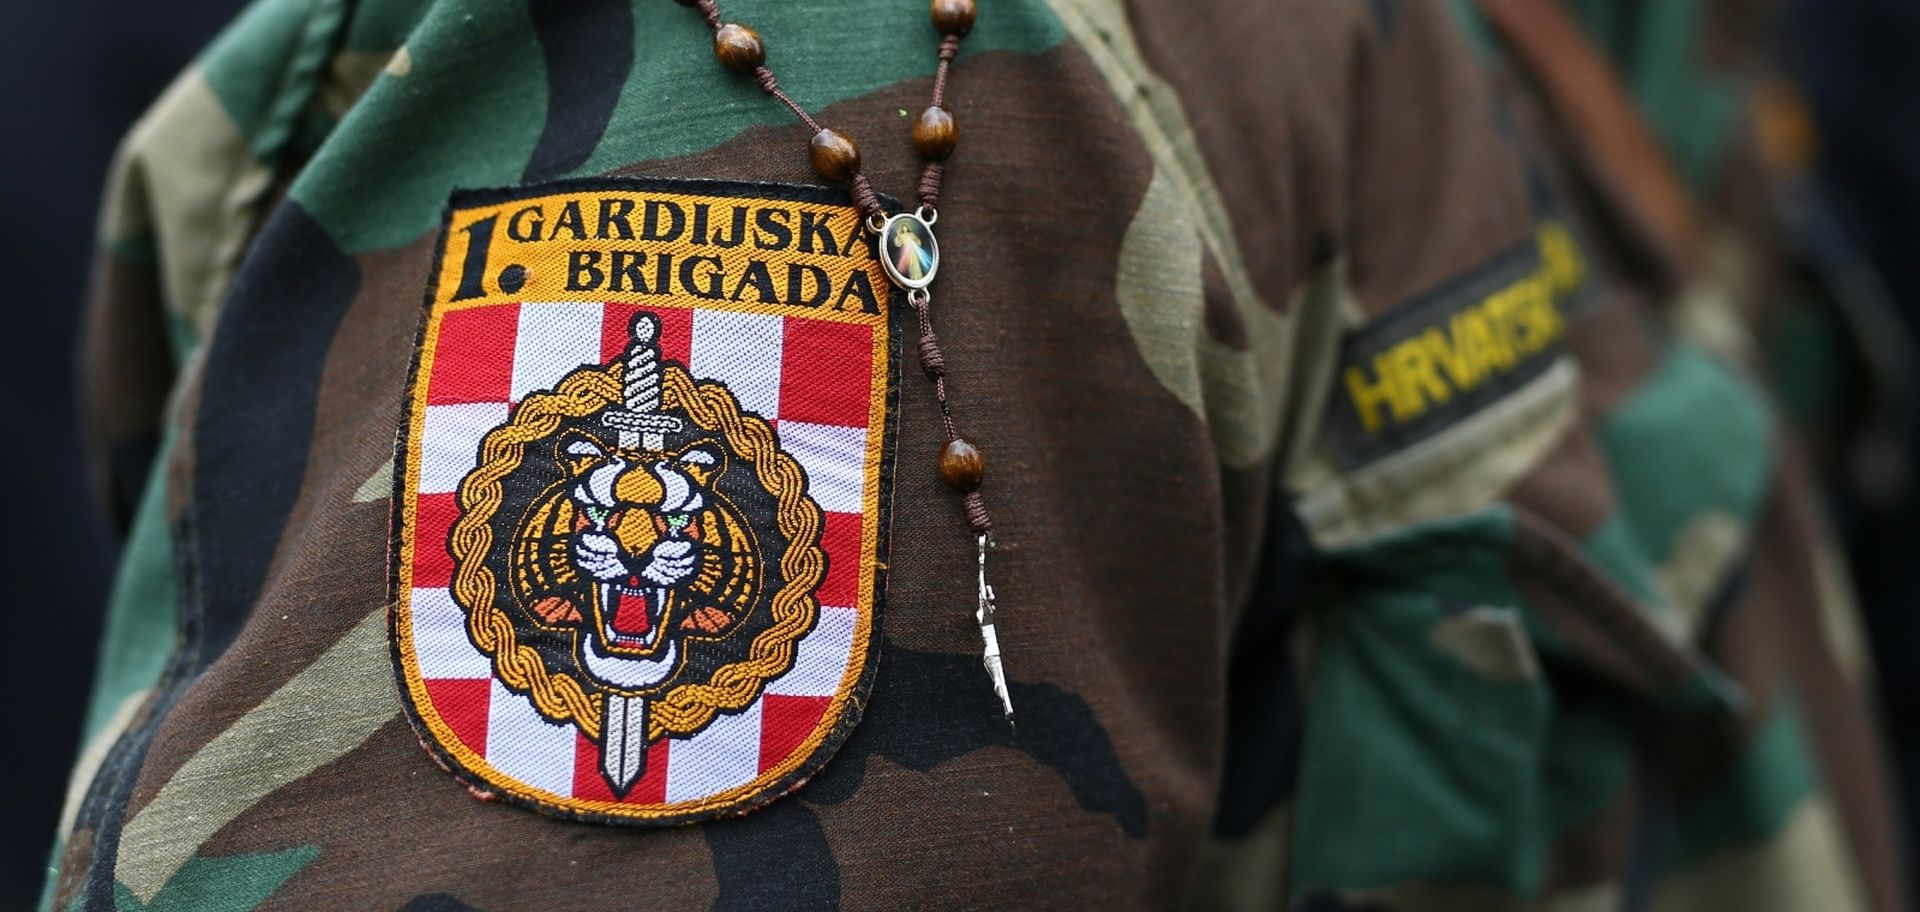 FELJTON Priča o junaštvu hrvatskih Tigrova